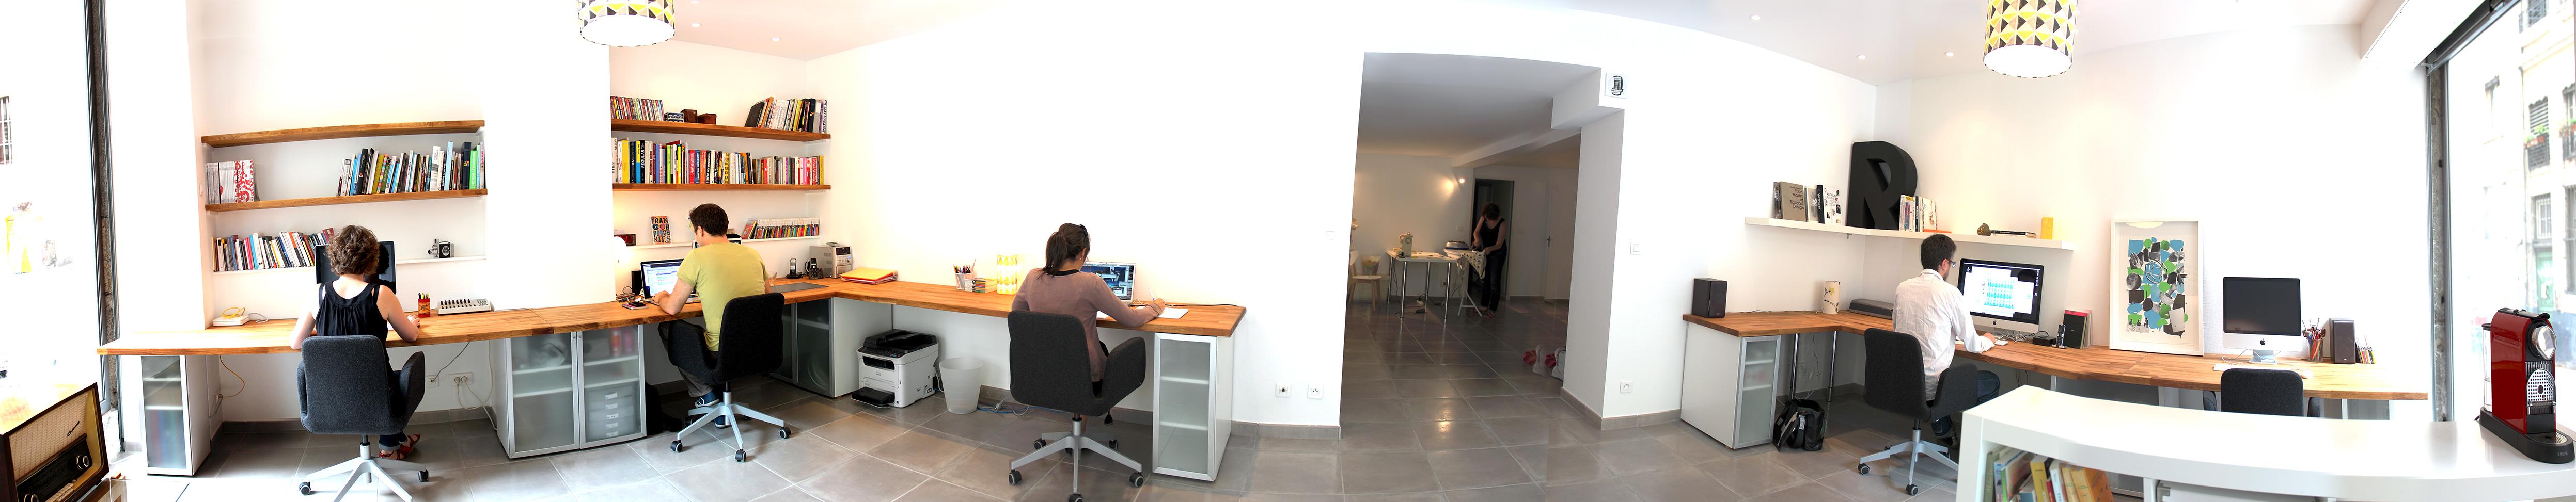 bureau de change lyon braquage d 39 un bureau de change. Black Bedroom Furniture Sets. Home Design Ideas